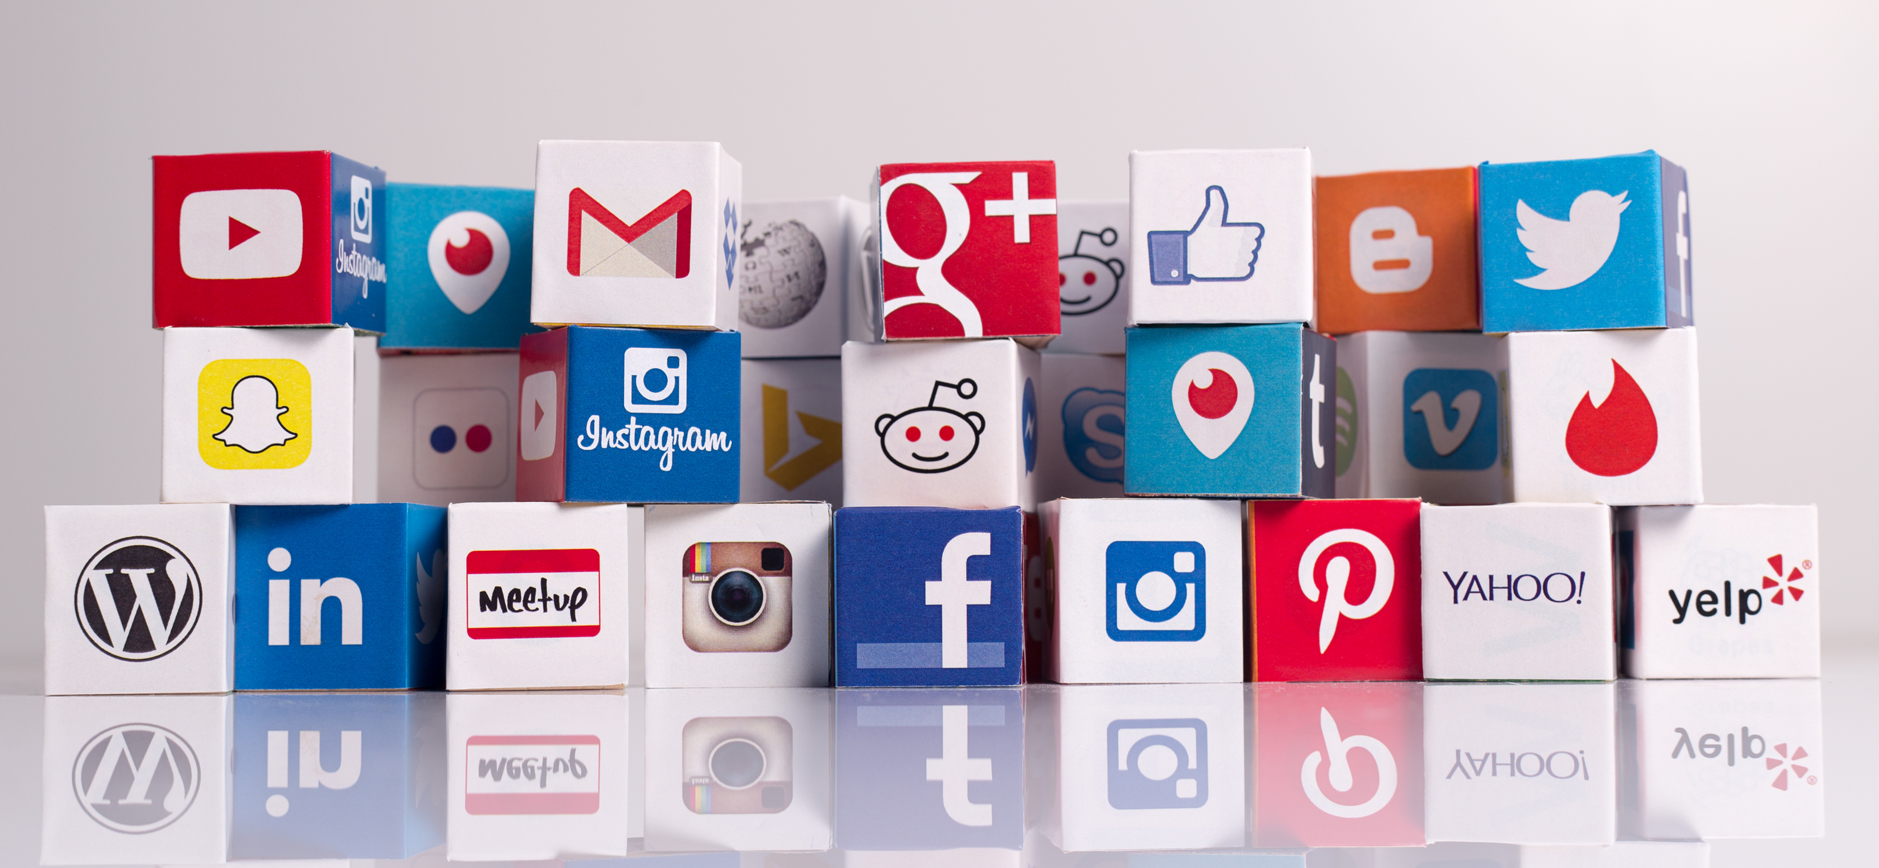 Всего за год: цена на рекламу в социальных сетях выросла на 108% - Фото 1